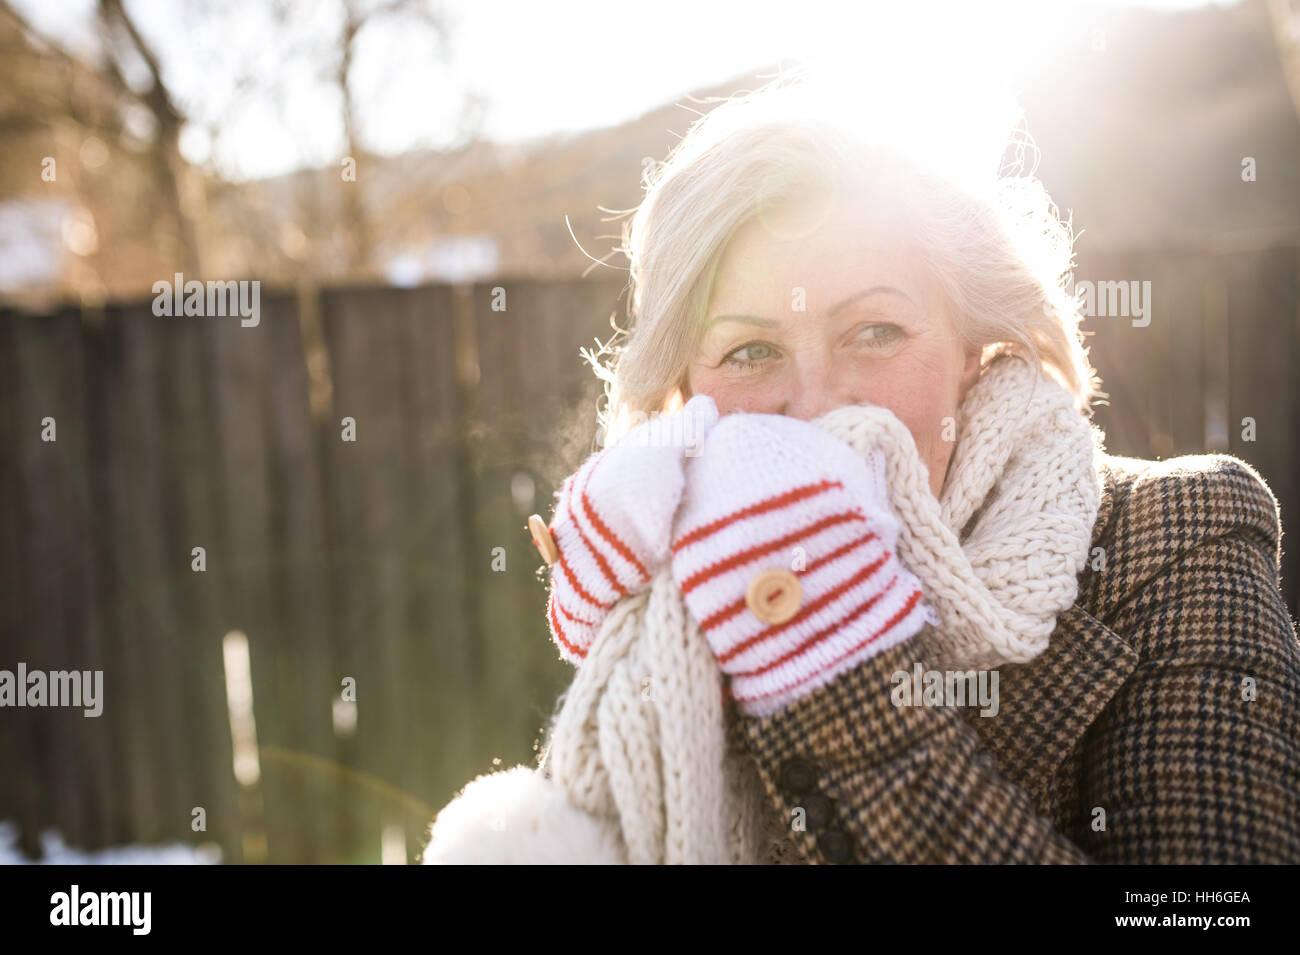 Schöne ältere Frau auf einem Spaziergang gegen Holzzaun. Stockbild